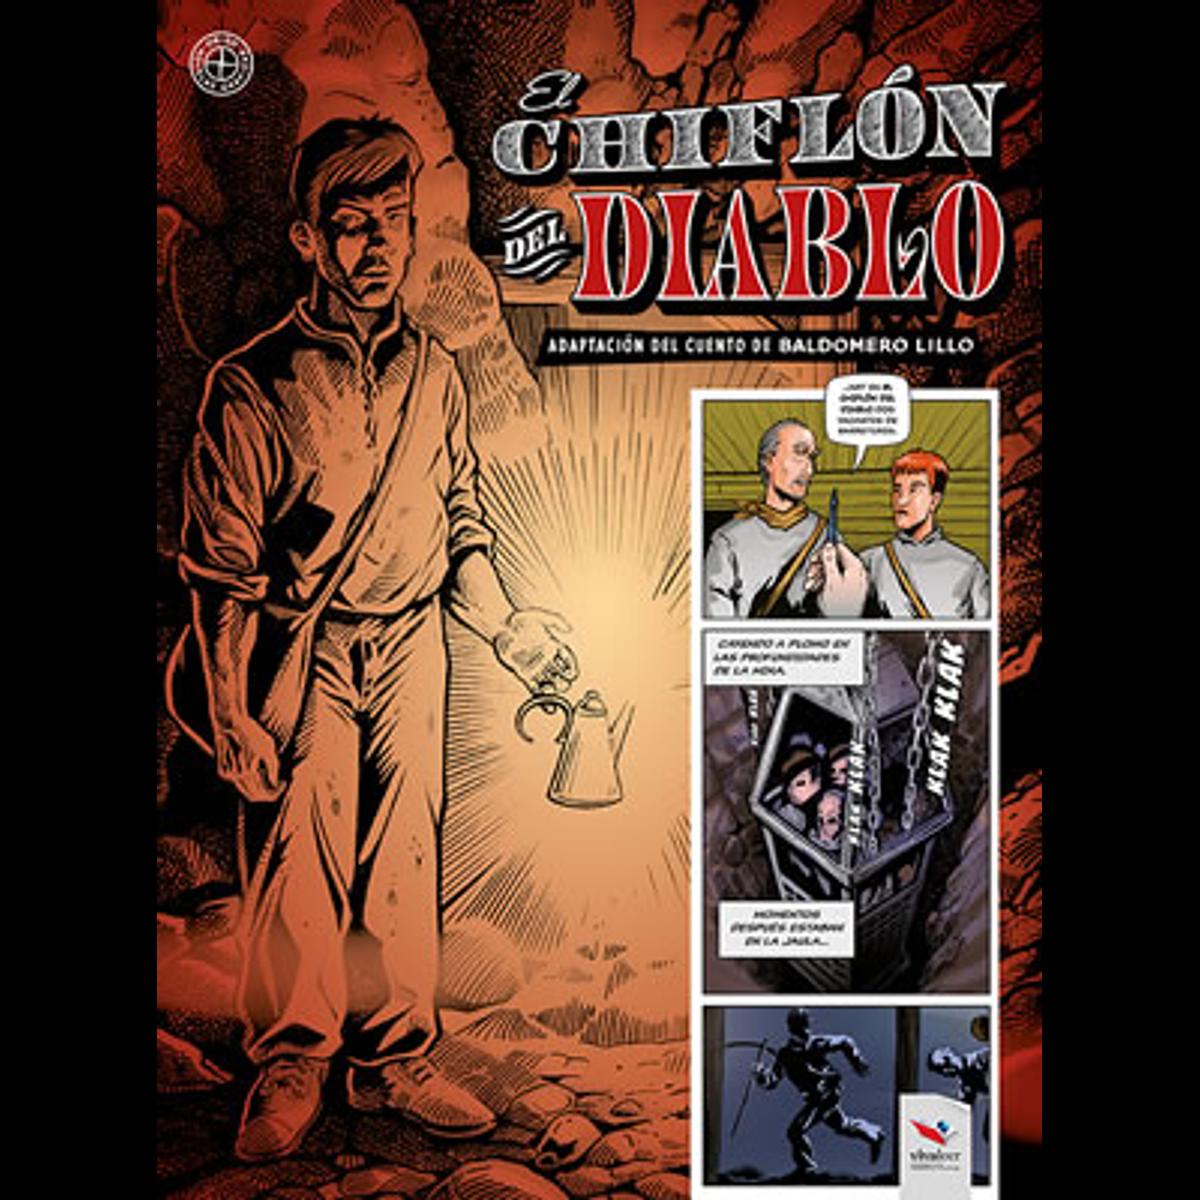 EL CHIFLON DEL DIABLO